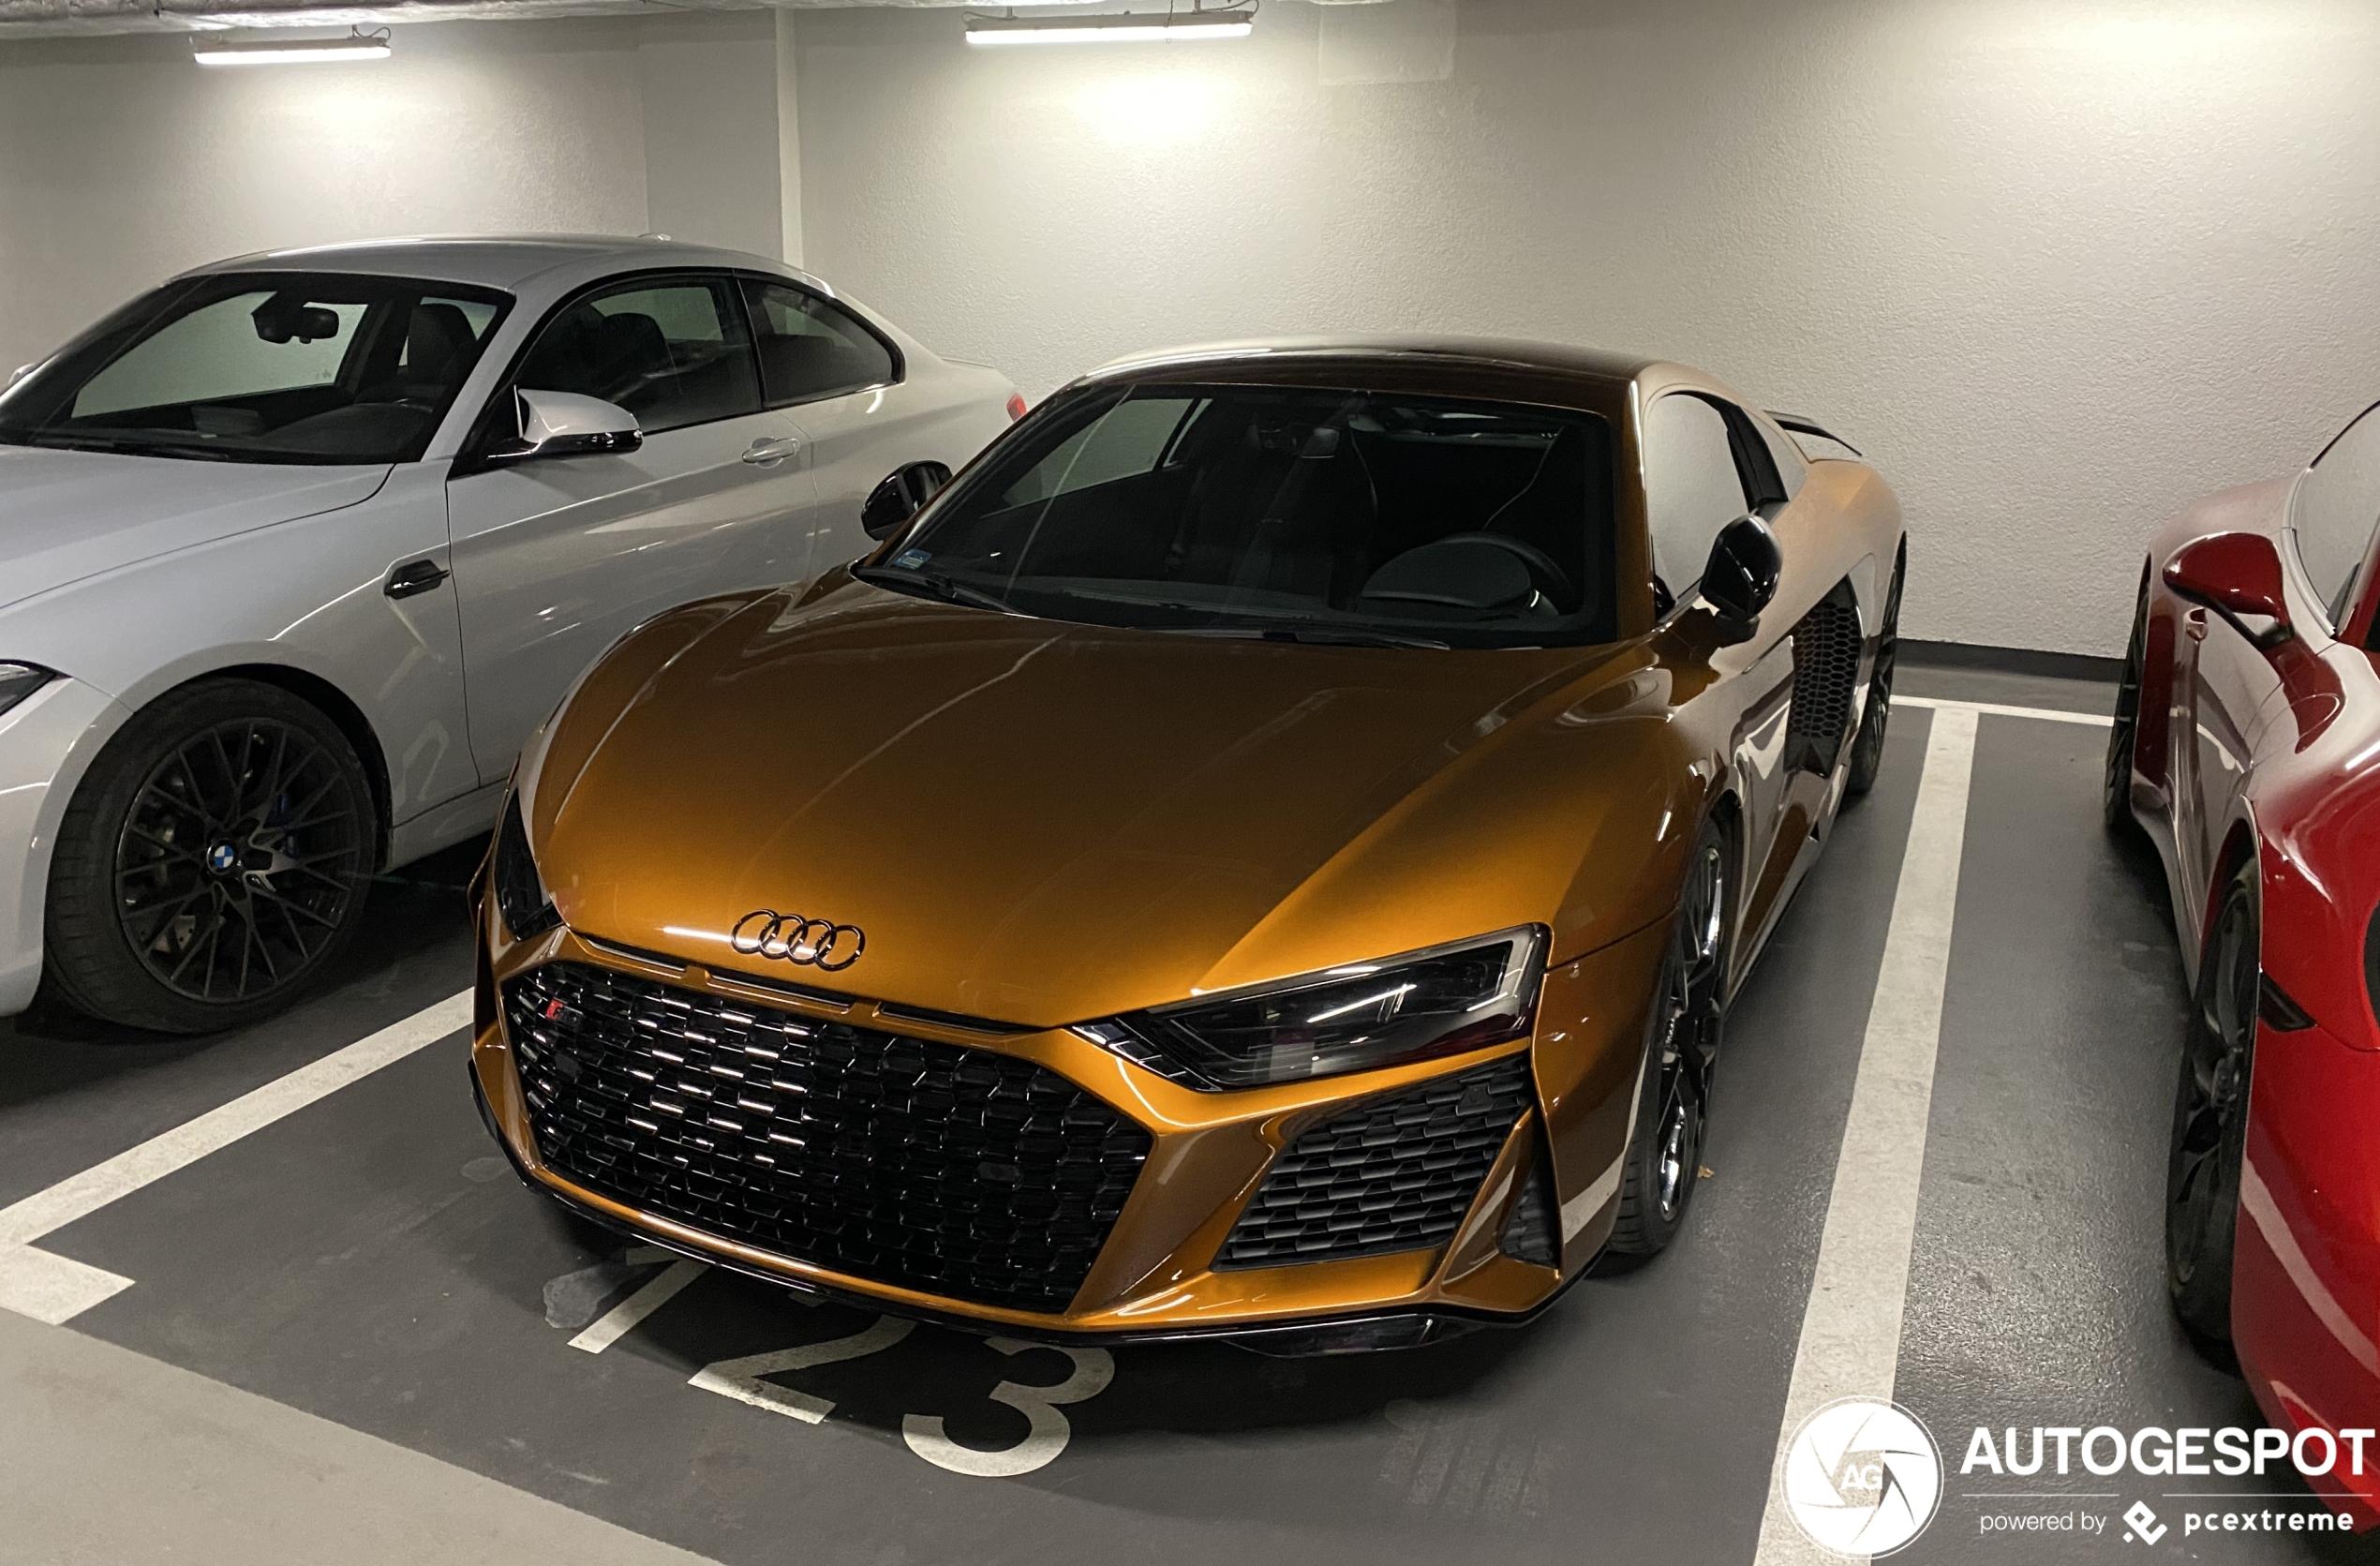 Audi R8 V10 RWD ziet er lekker uit zonder kenteken